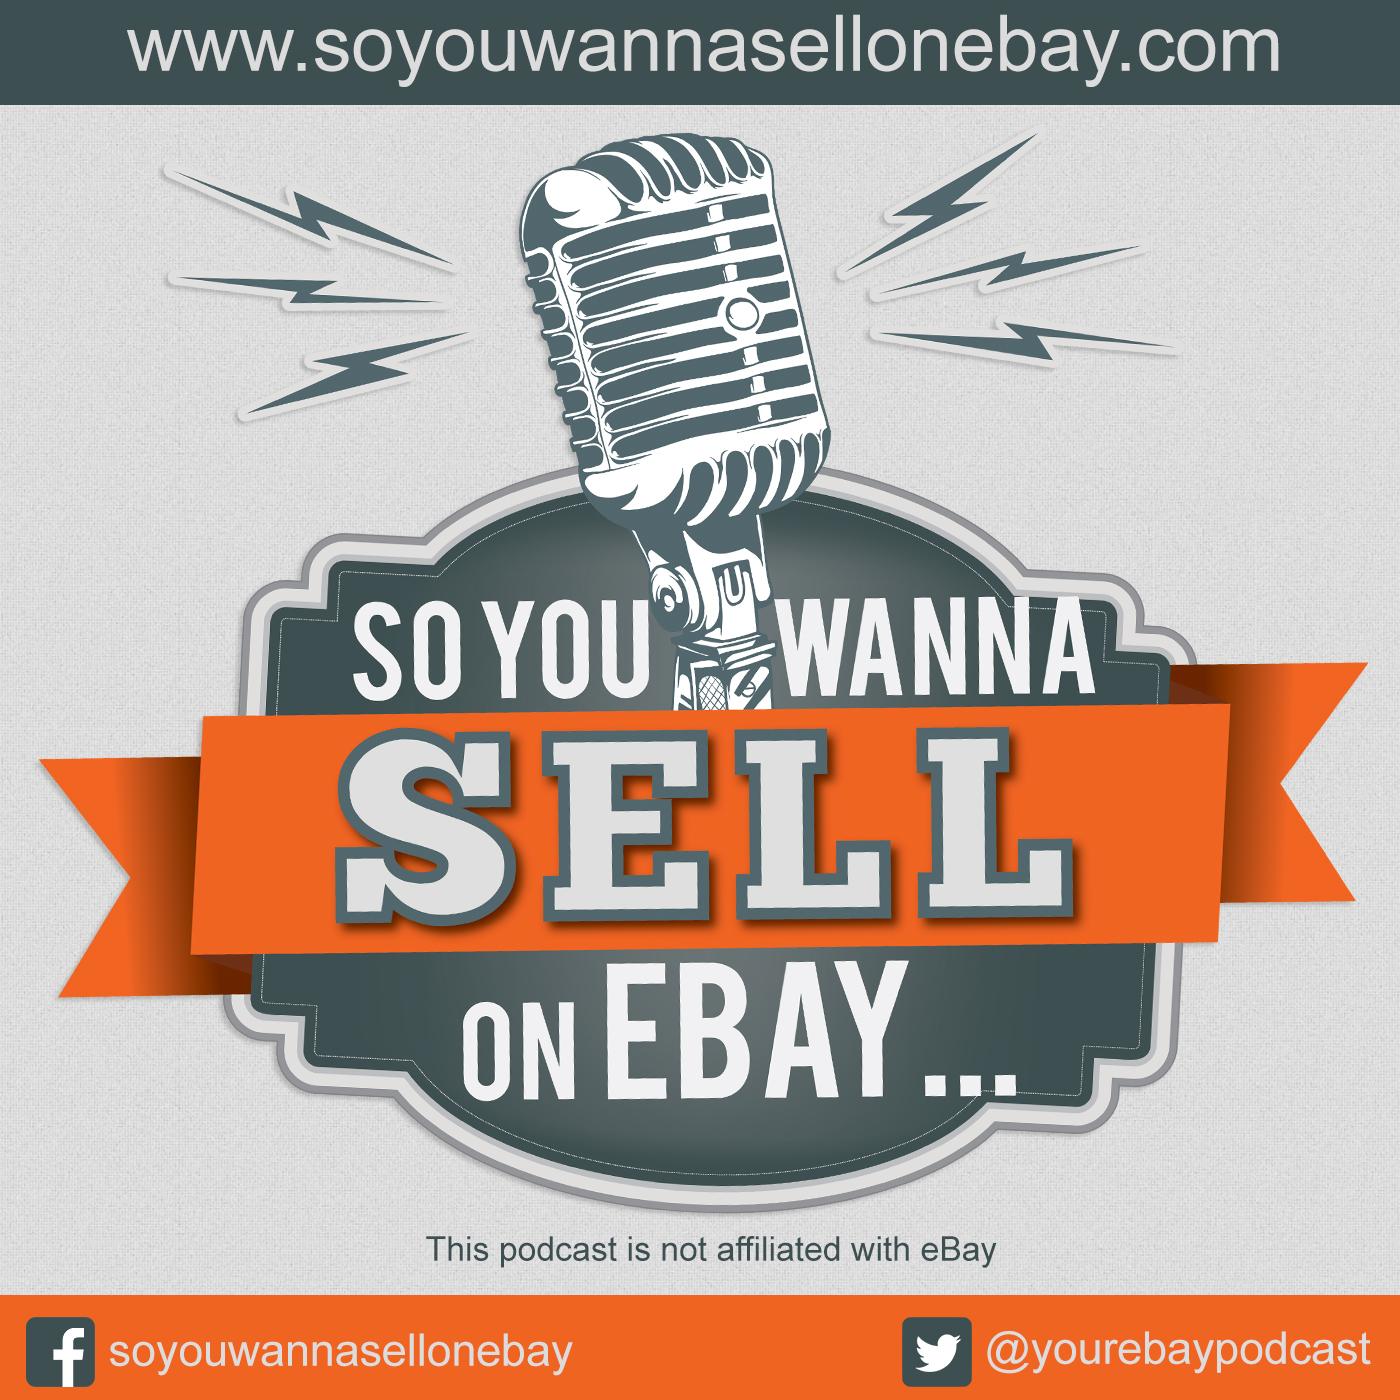 So You Wanna Sell On eBay | Podbay